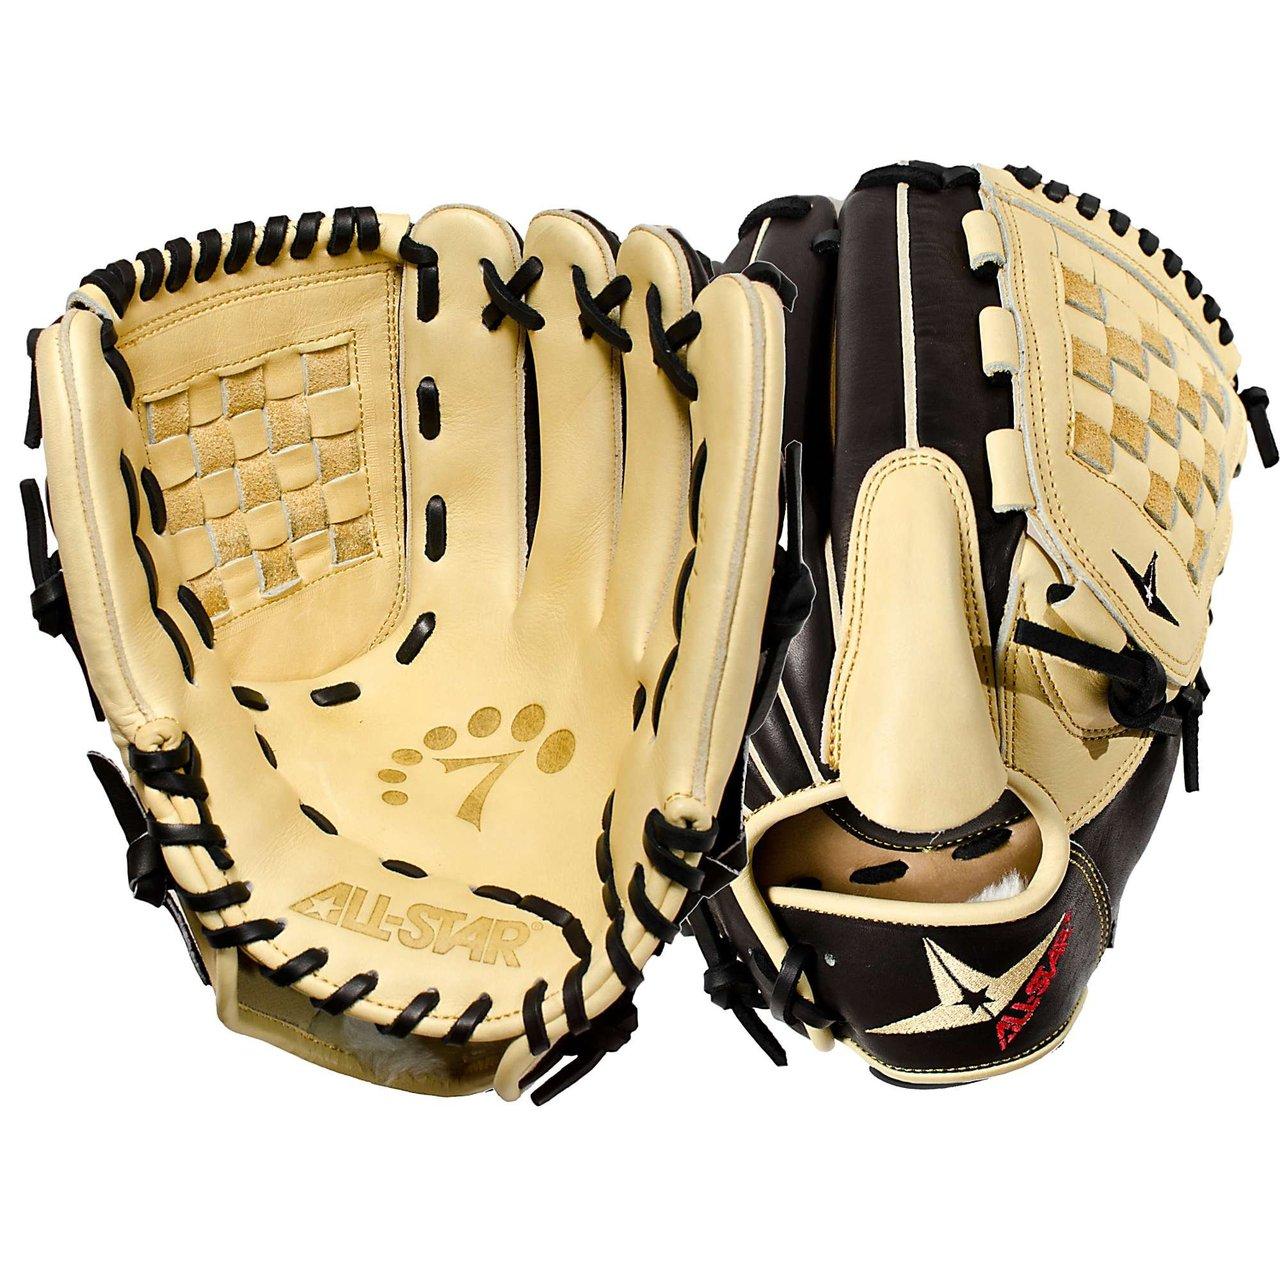 all-star-system-seven-fgs7-pt-baseball-glove-12-inch-right-handed-throw FGS7-PT-Right Handed Throw All-Star 029343027338 All Star System Seven FGS7-PT Baseball Glove 12 Inch Right Handed